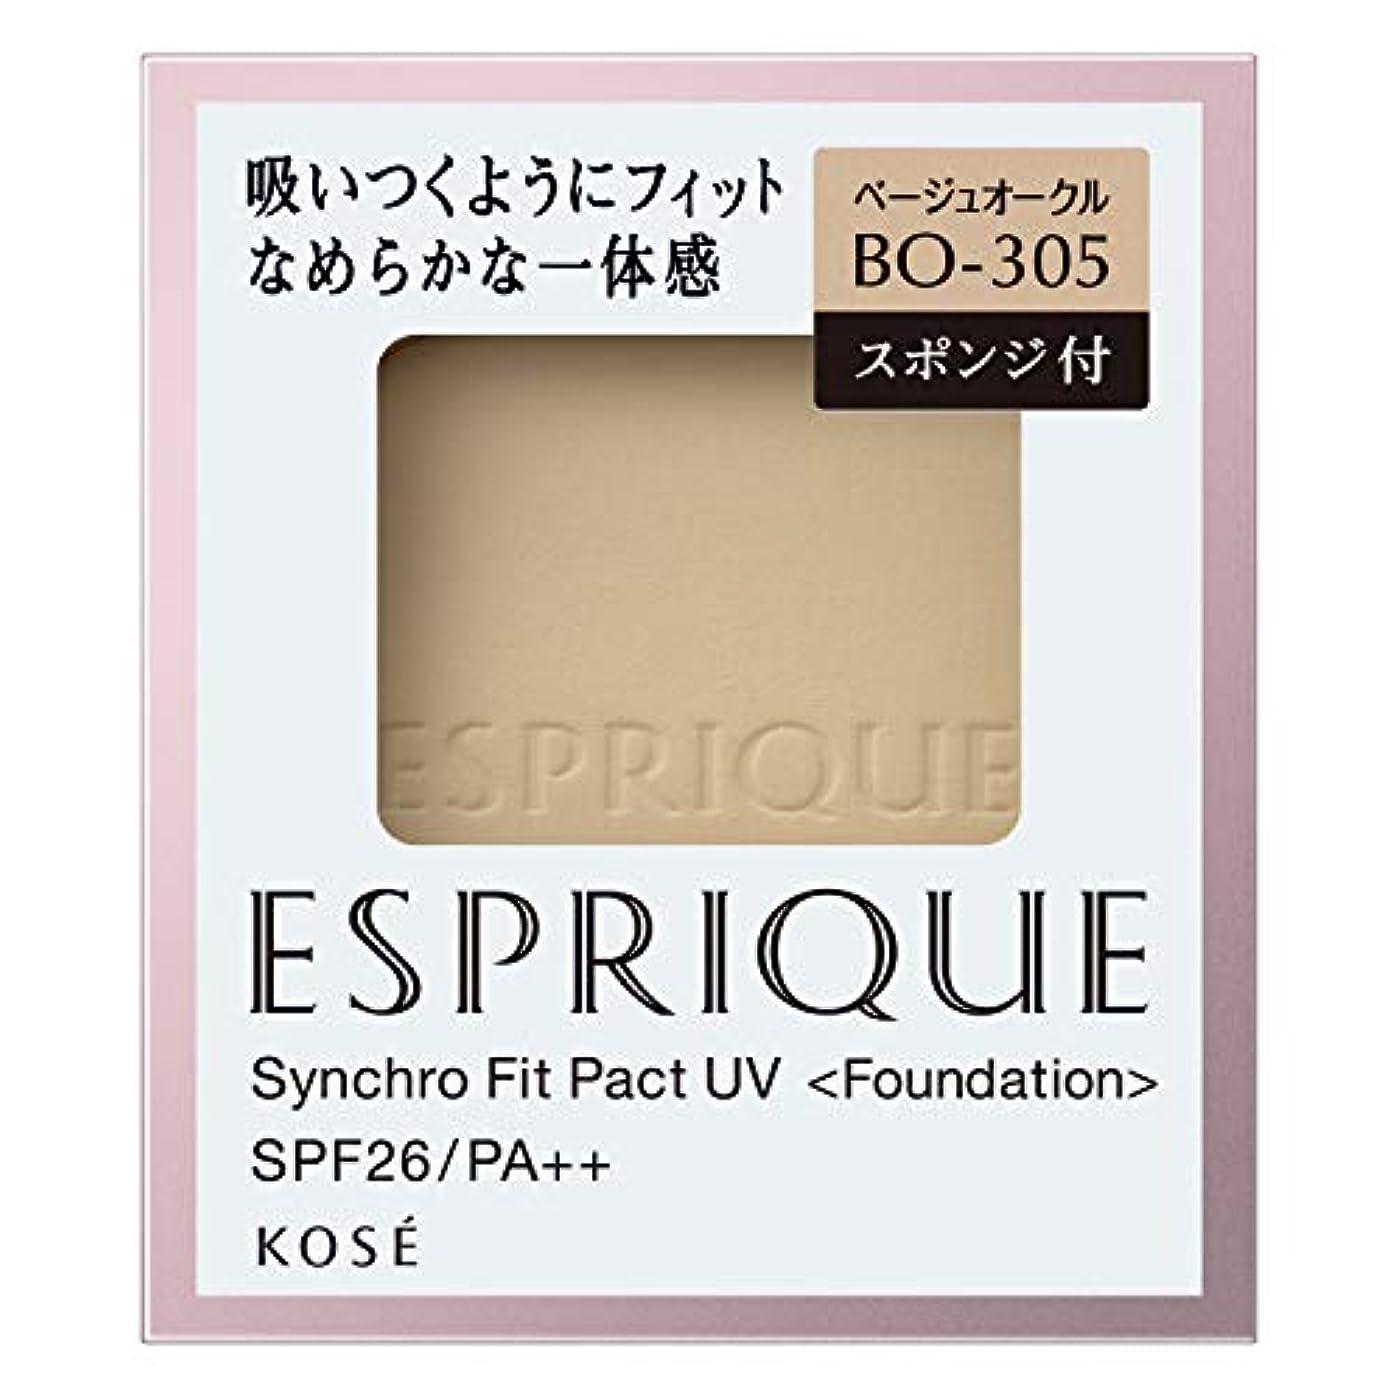 テープ前スポンジエスプリーク シンクロフィット パクト UV BO-305 ベージュオークル 9.3g